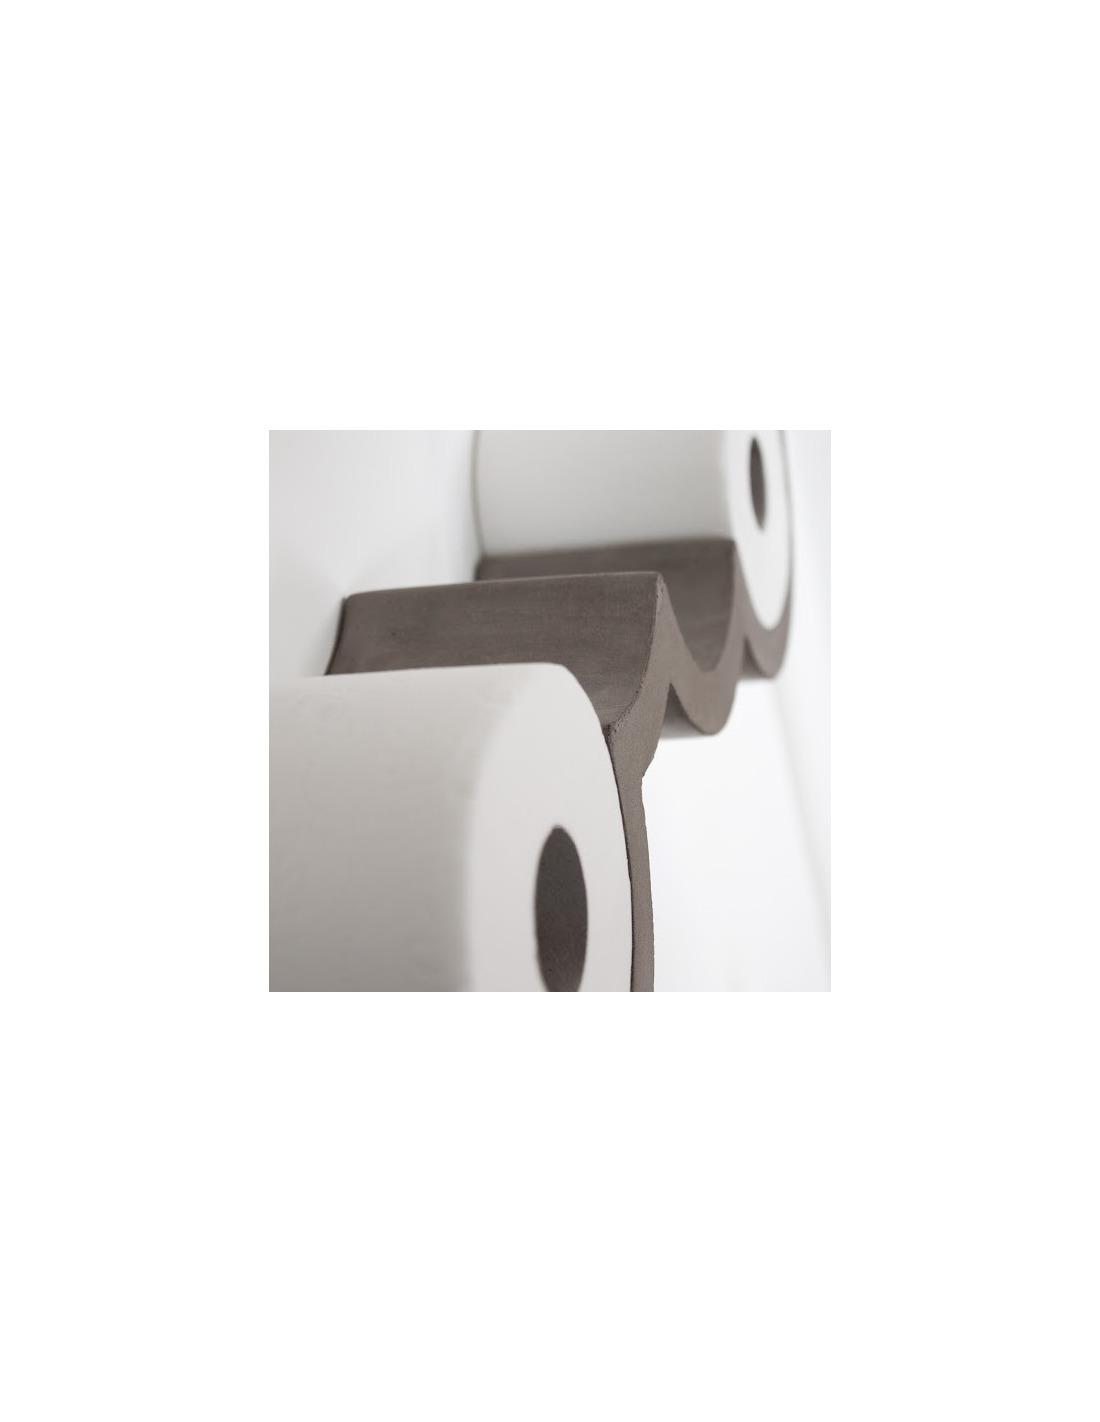 Etag re cloud m d coration pour papier toilettes en for Objet deco pour etagere